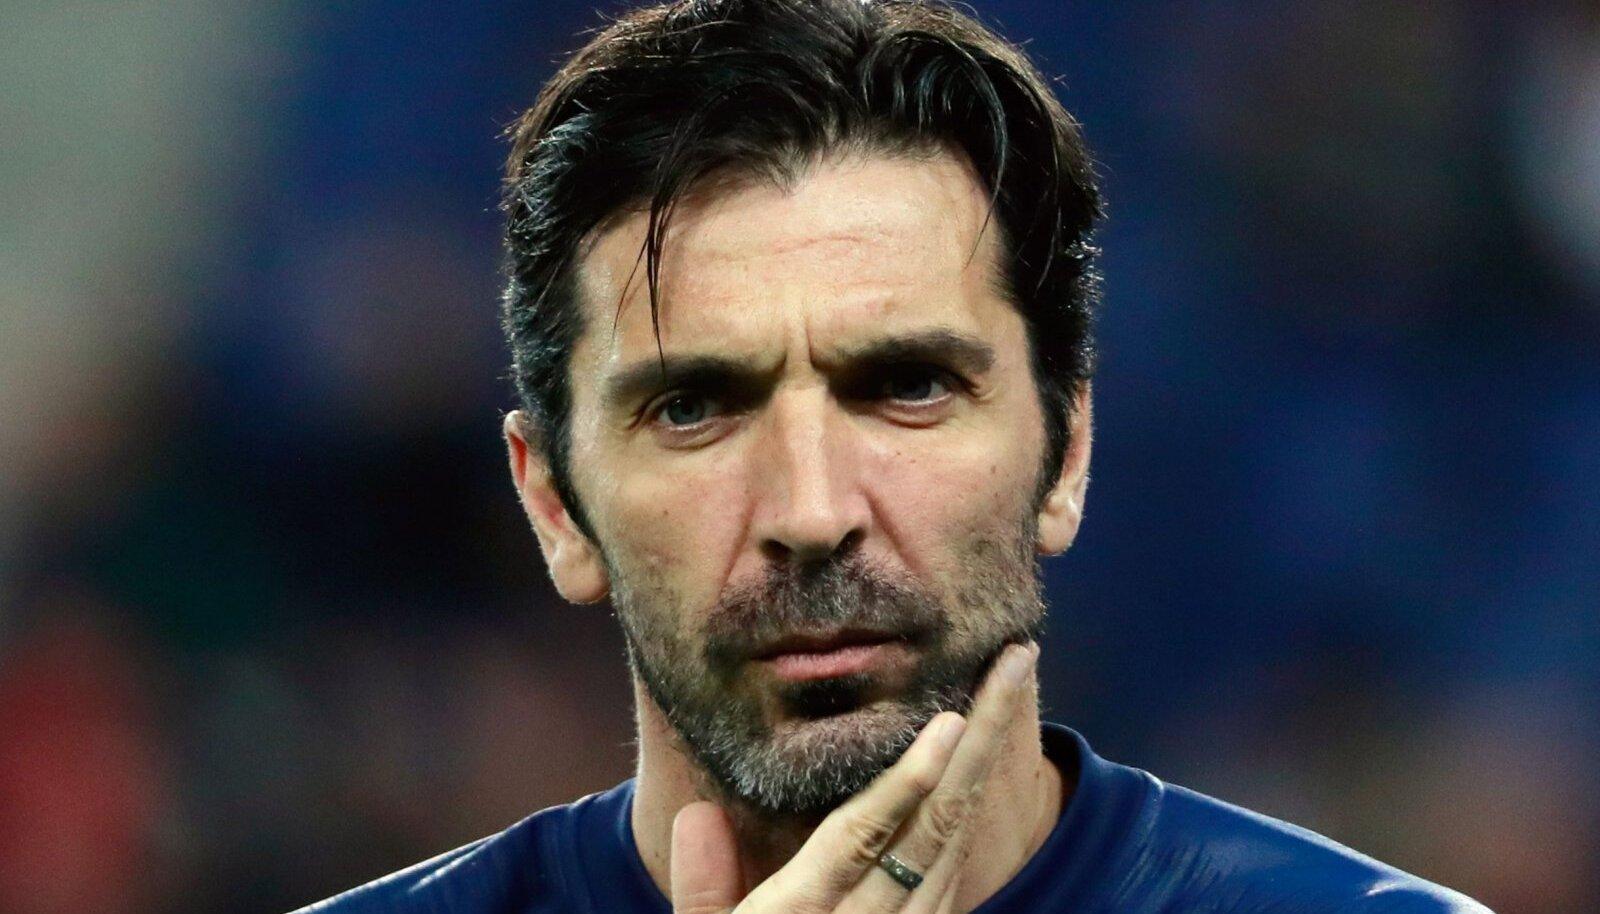 Kus jätkub Buffoni karjäär?